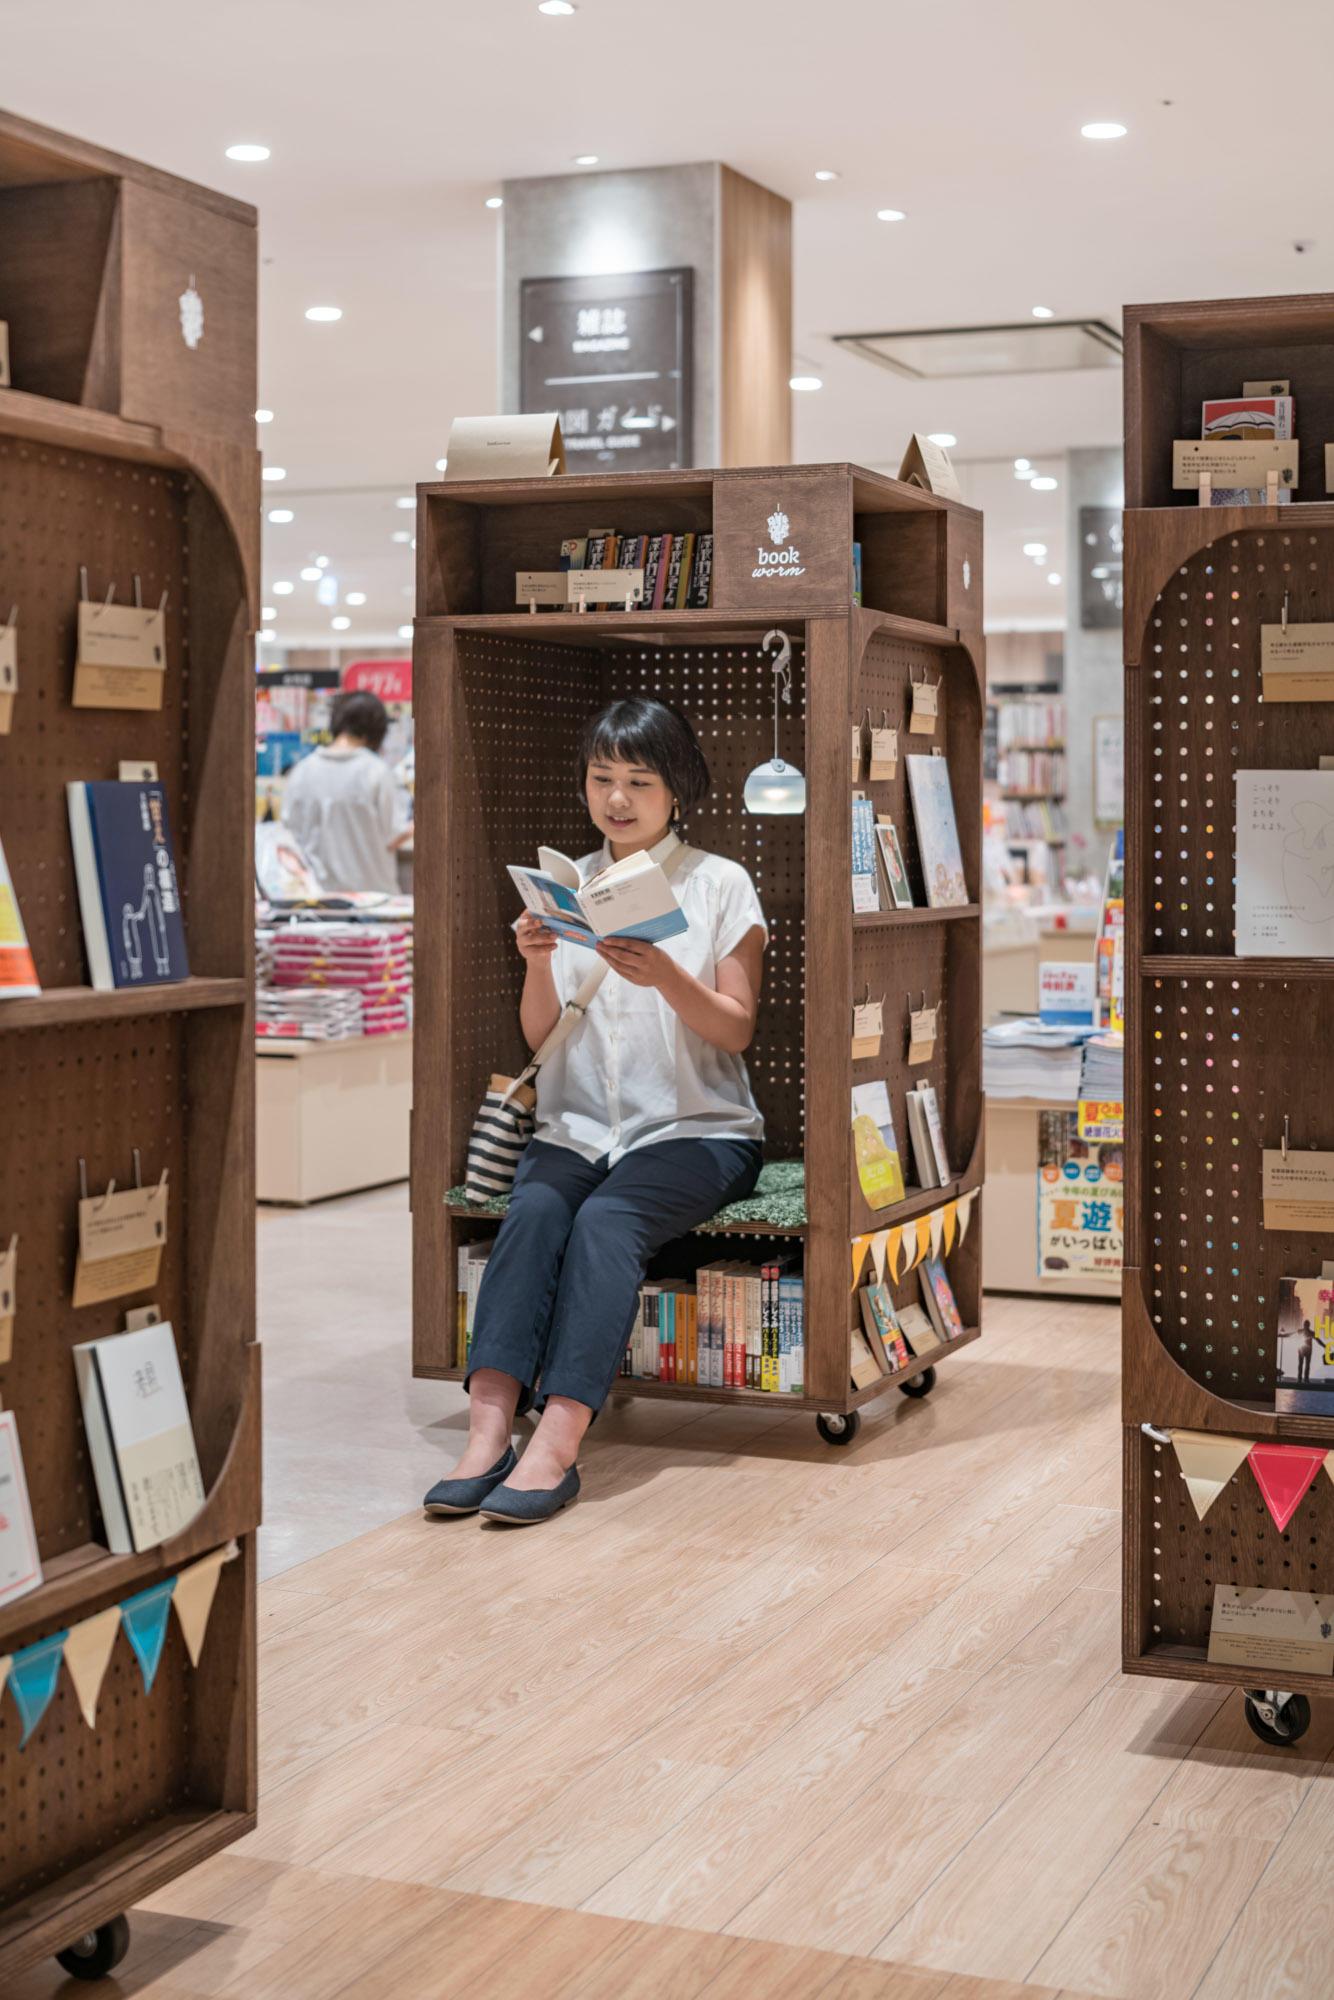 本棚の中に入って本を読むことができる